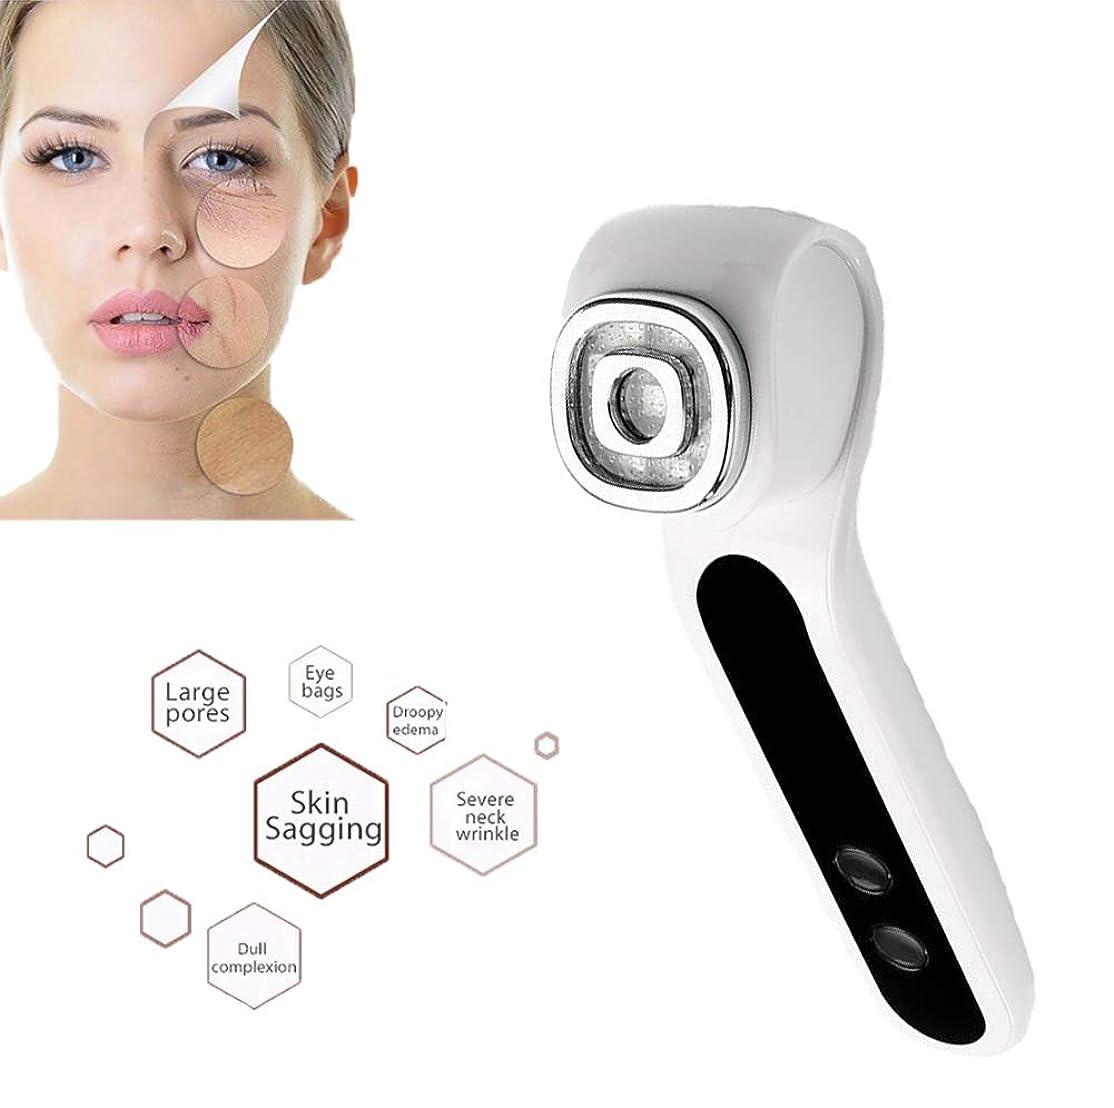 レイプひねり麻痺させる美容化粧品LED光子療法RF + EMSリフティングイオンクレンジング振動肌の整形マッサージ用家庭用